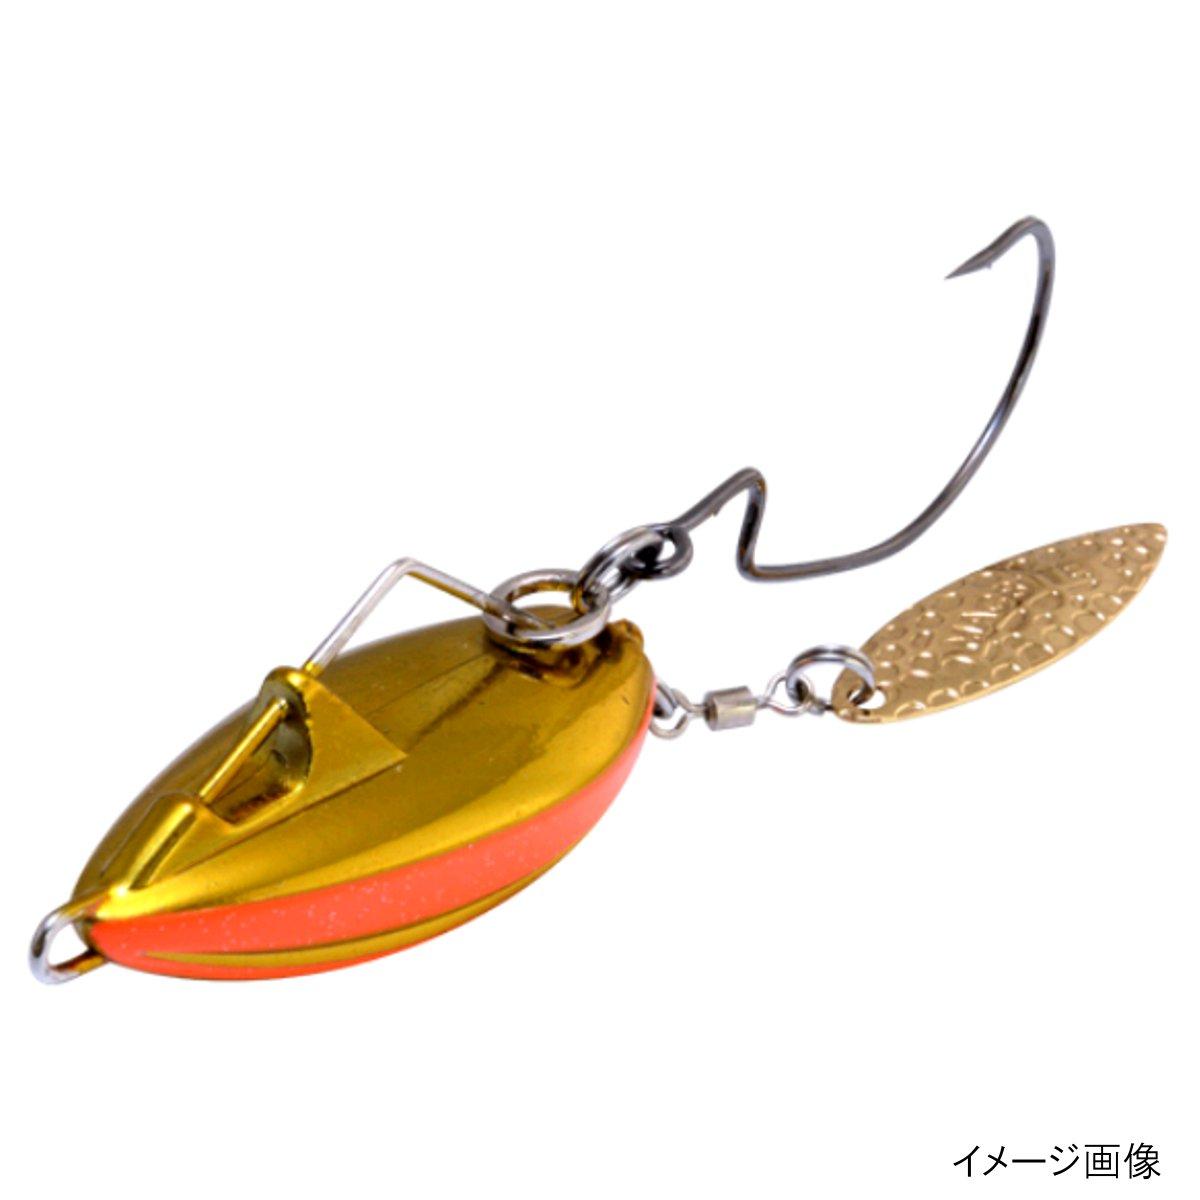 マグバイト バサロHD MBL05 60g 02DG(オレキン)【ゆうパケット】